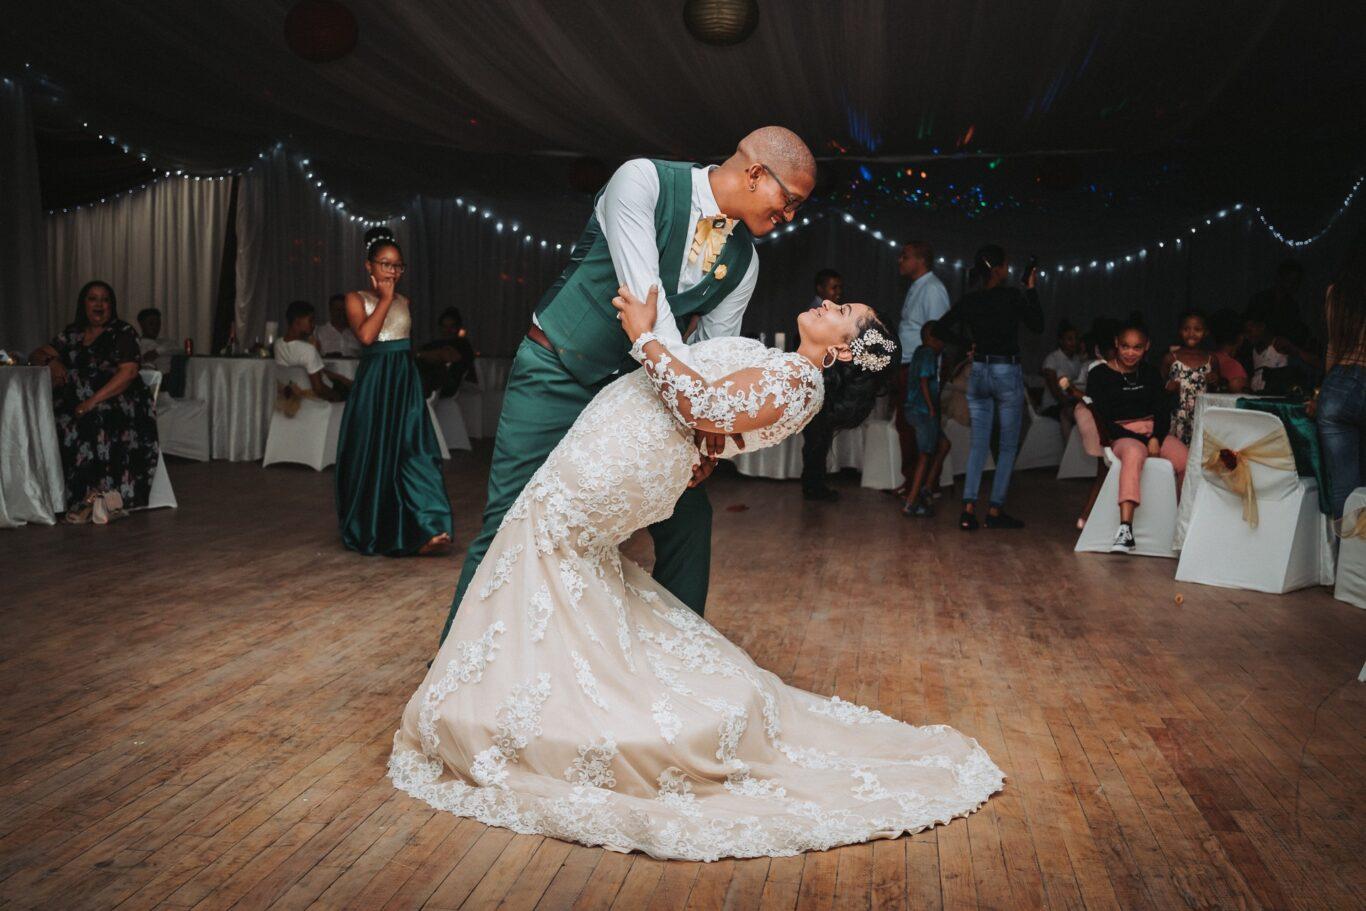 κρατήστε την φλόγα στον γάμο ζωντανή